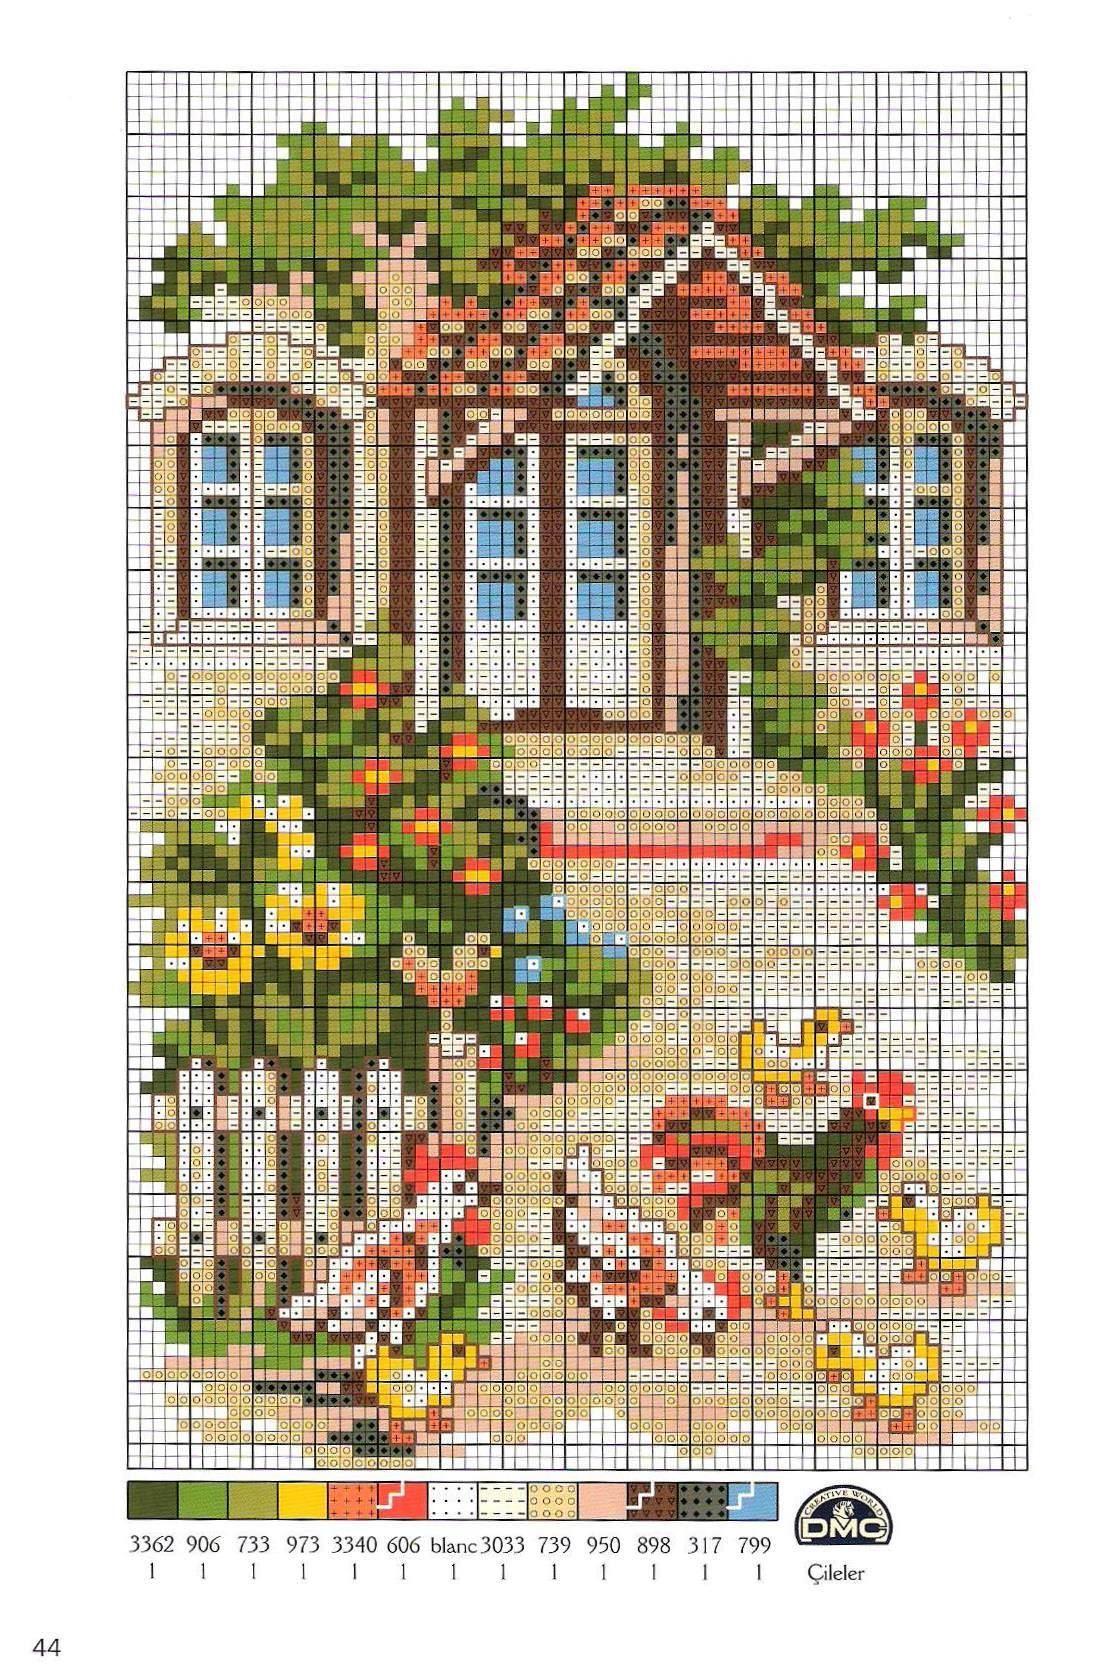 Вышивка крестом домики схемы разнообразных построек | Домики | Pinterest